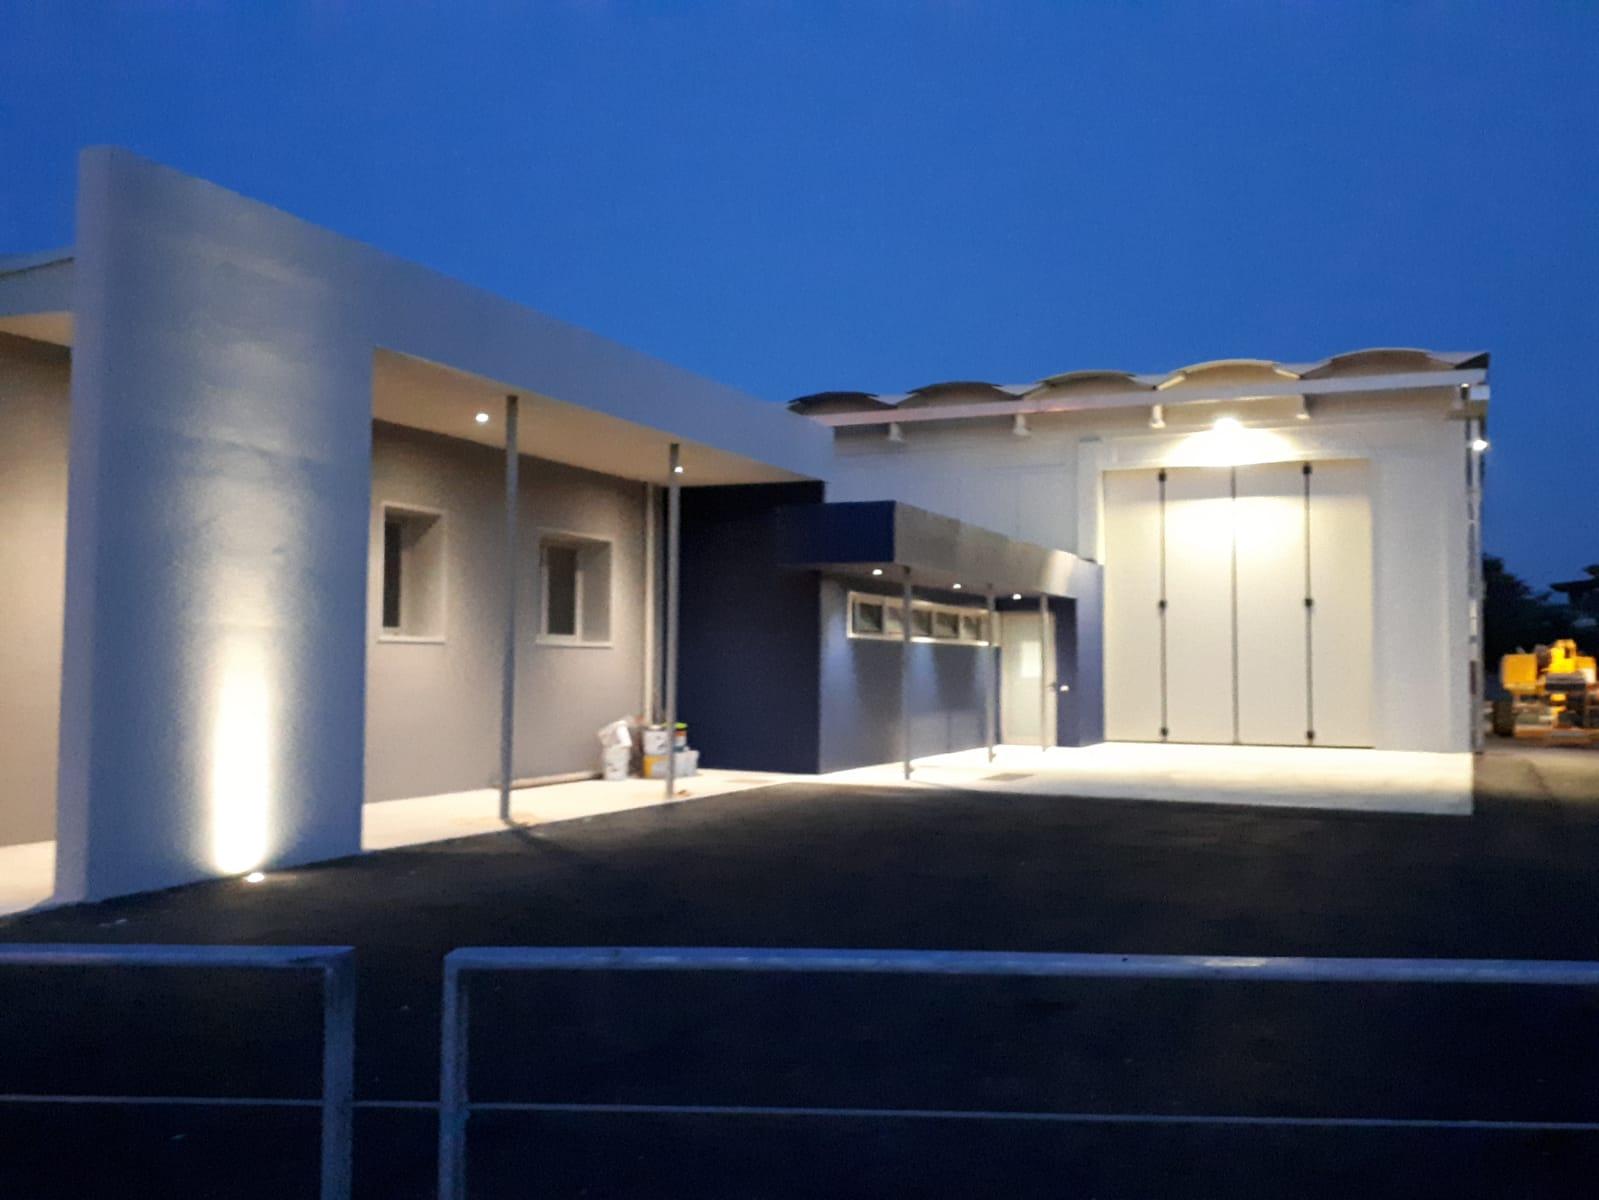 Illuminazione esterna battagin impianti srl